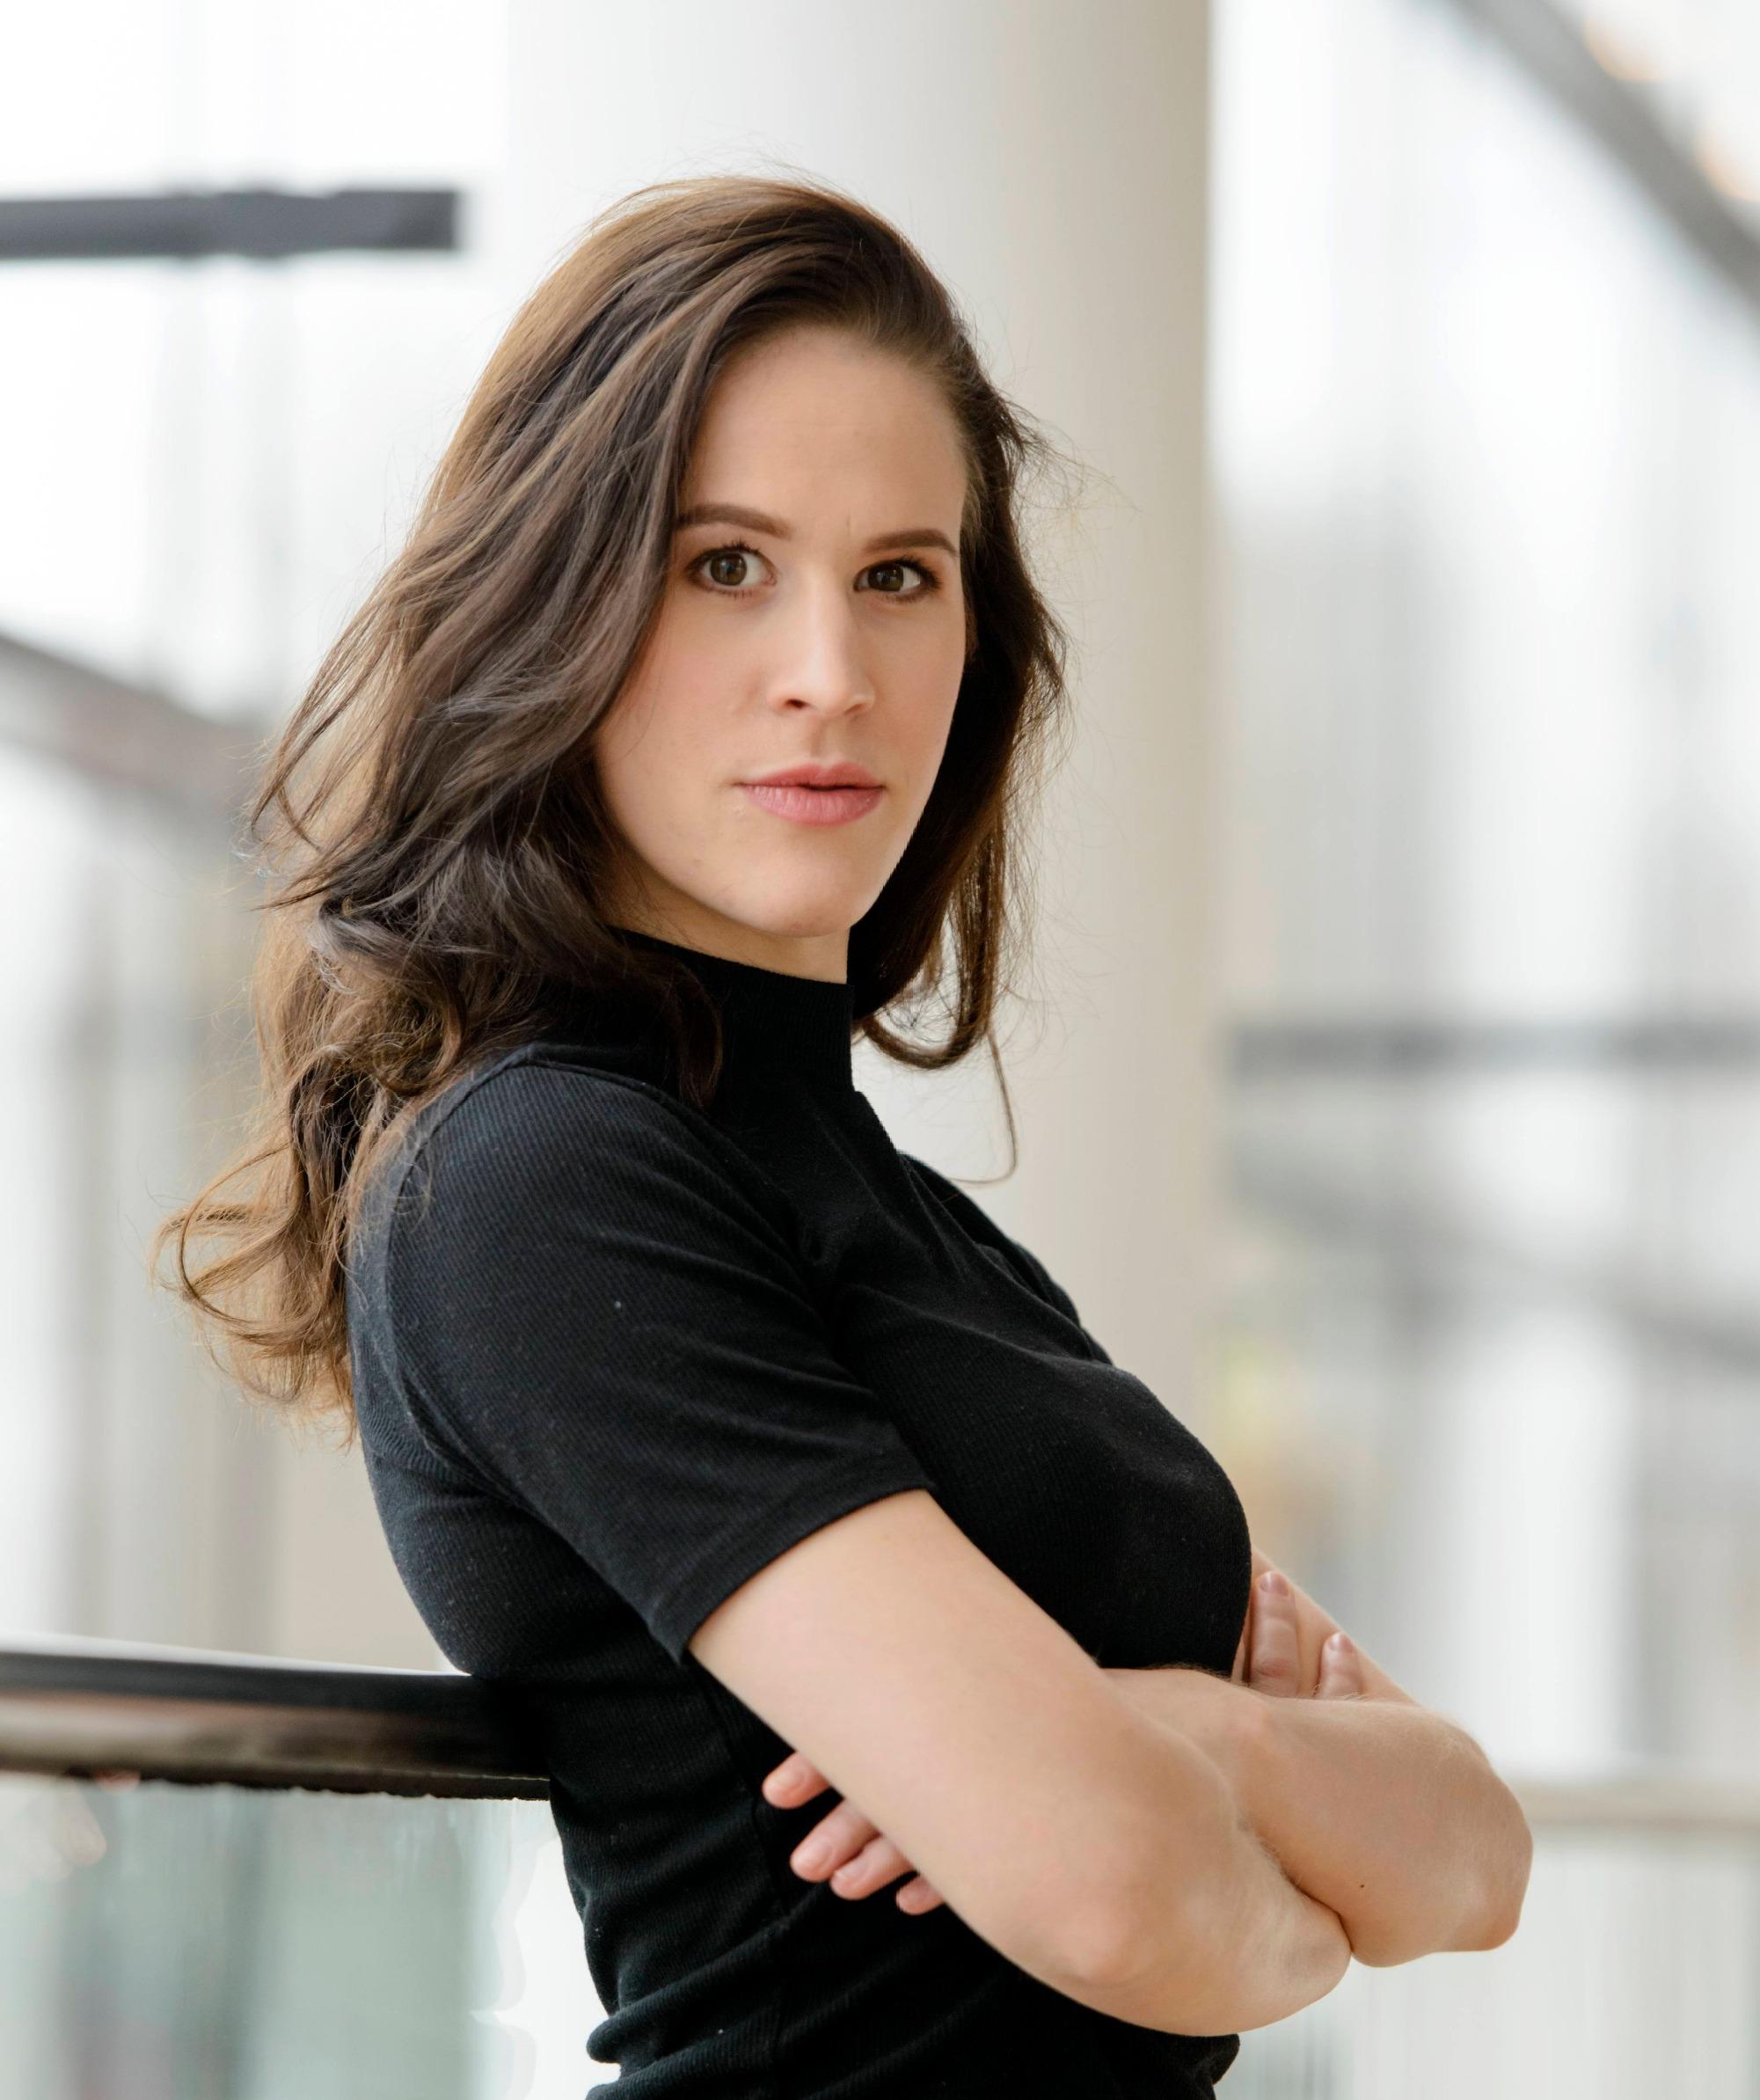 Bettina Brezinski